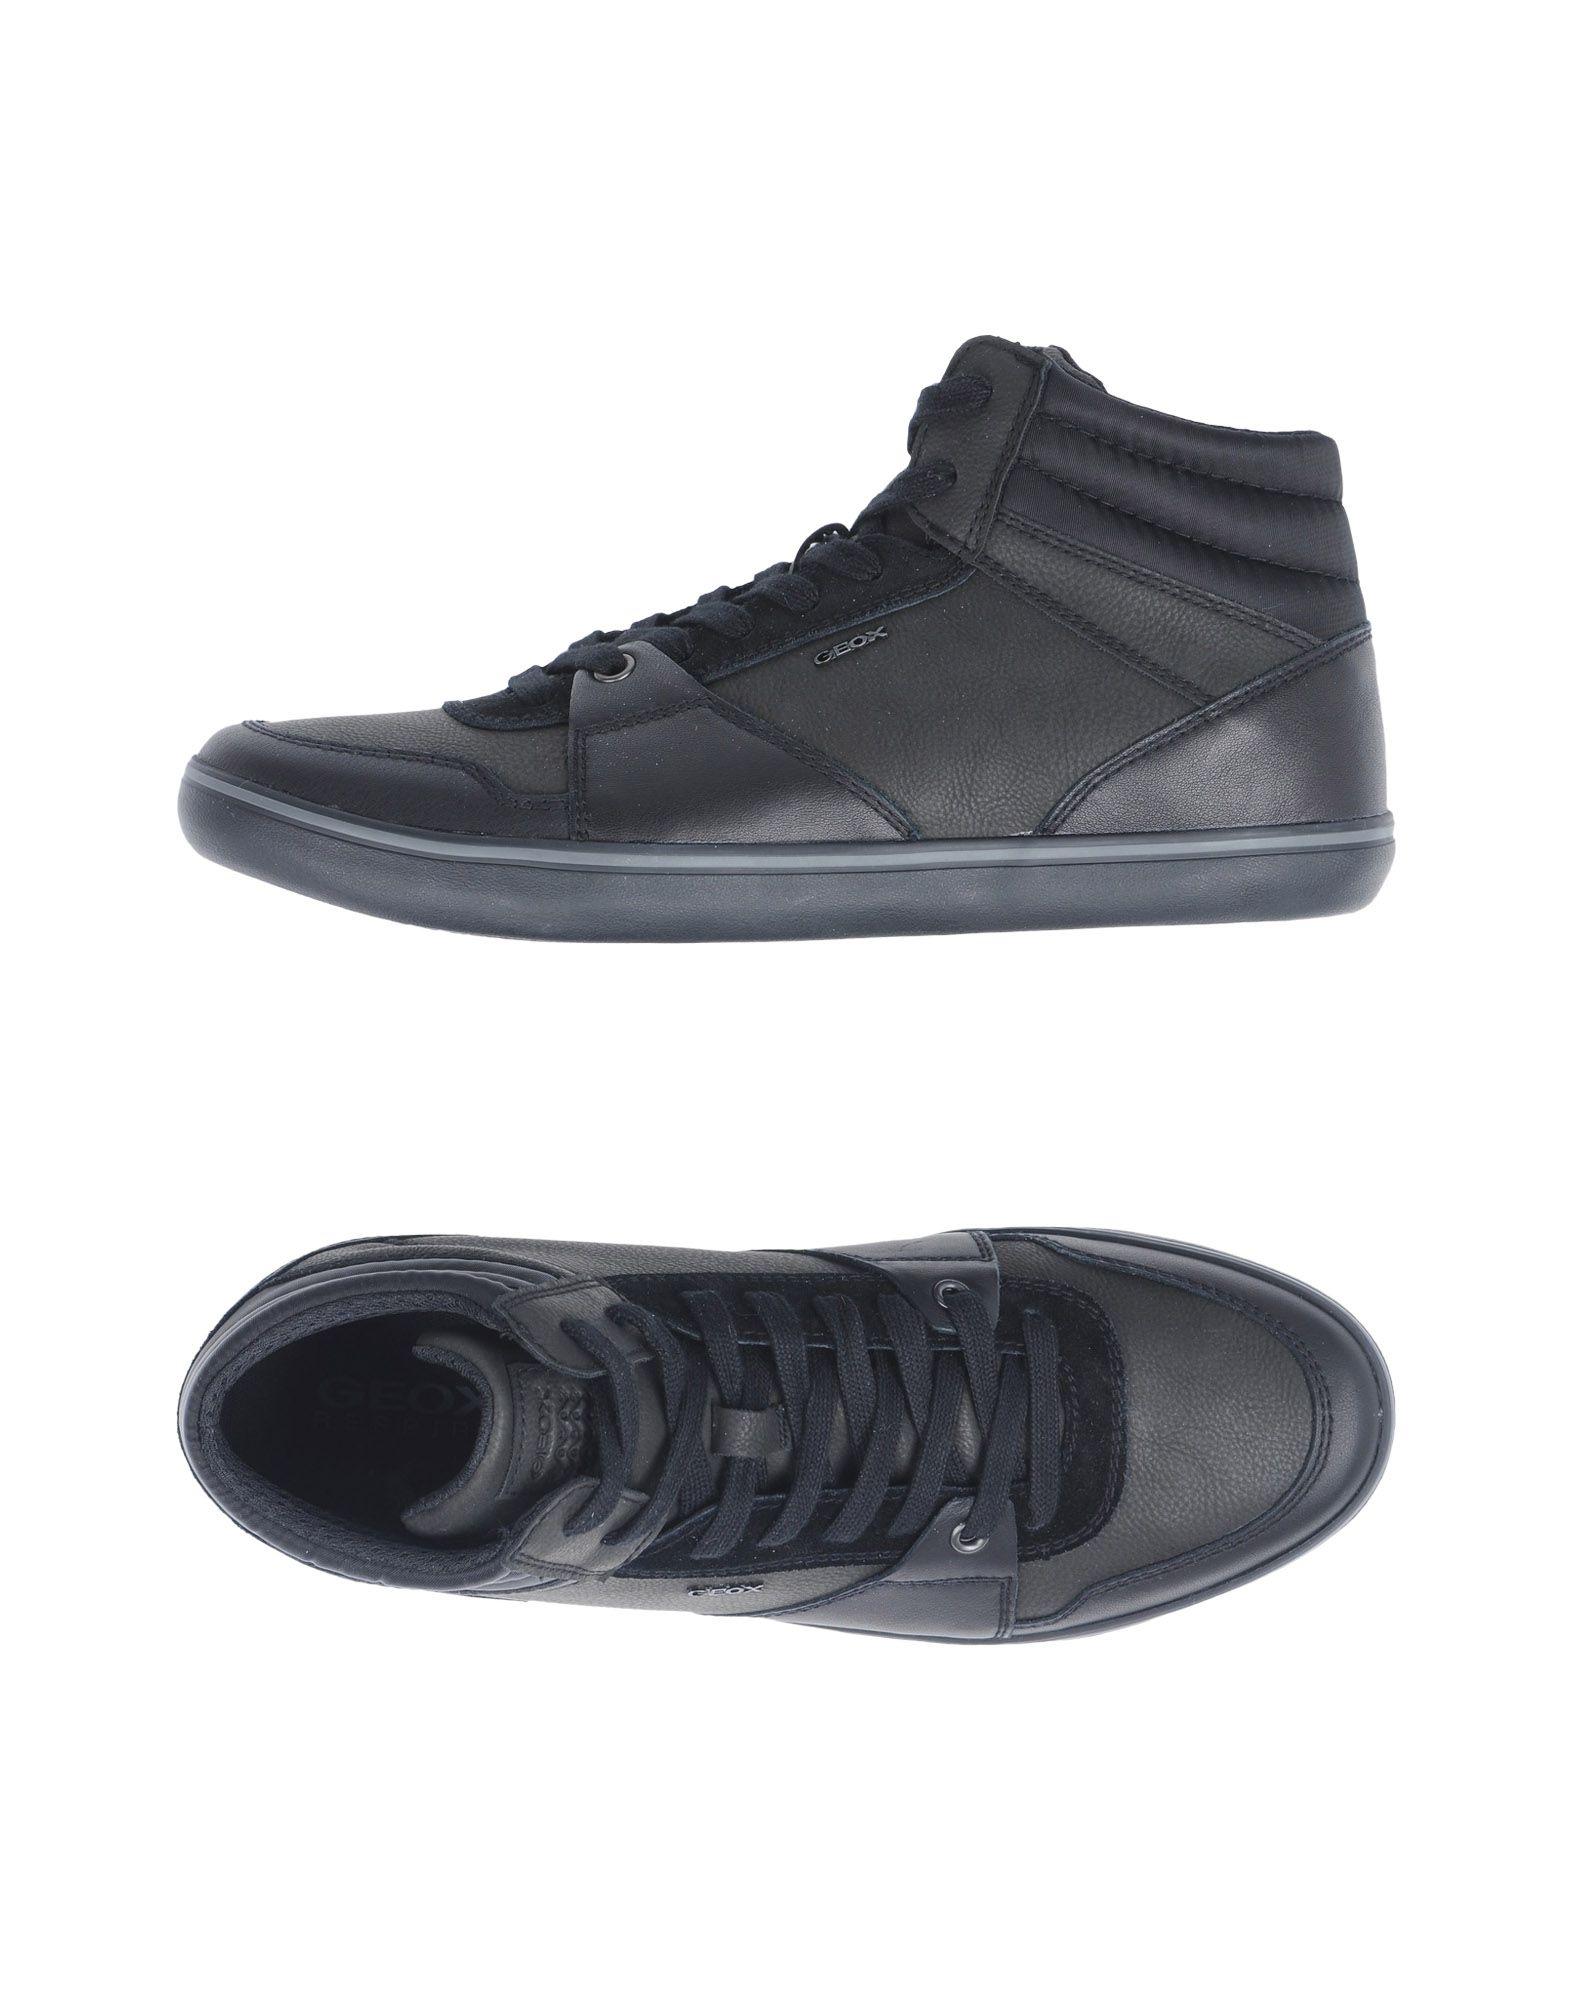 Sneakers Geox Homme - Sneakers Geox  Noir Meilleur modèle de vente